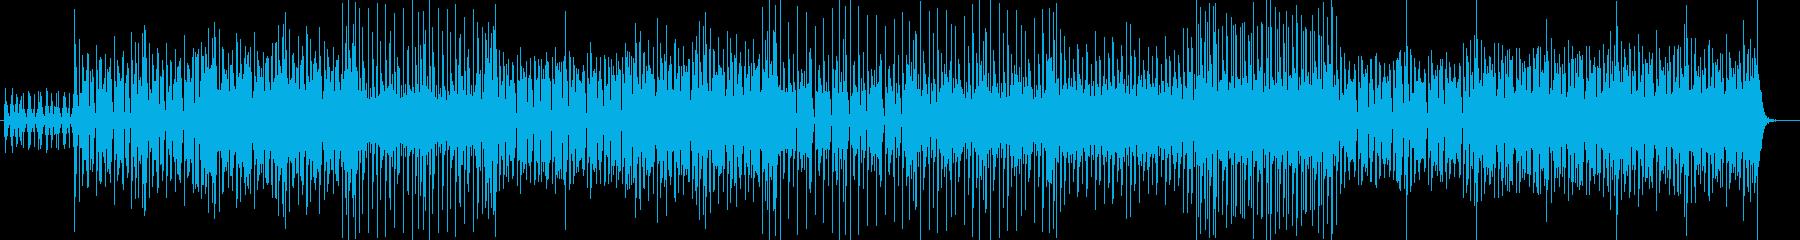 明るいポップ・フュージョン感あるサウンドの再生済みの波形